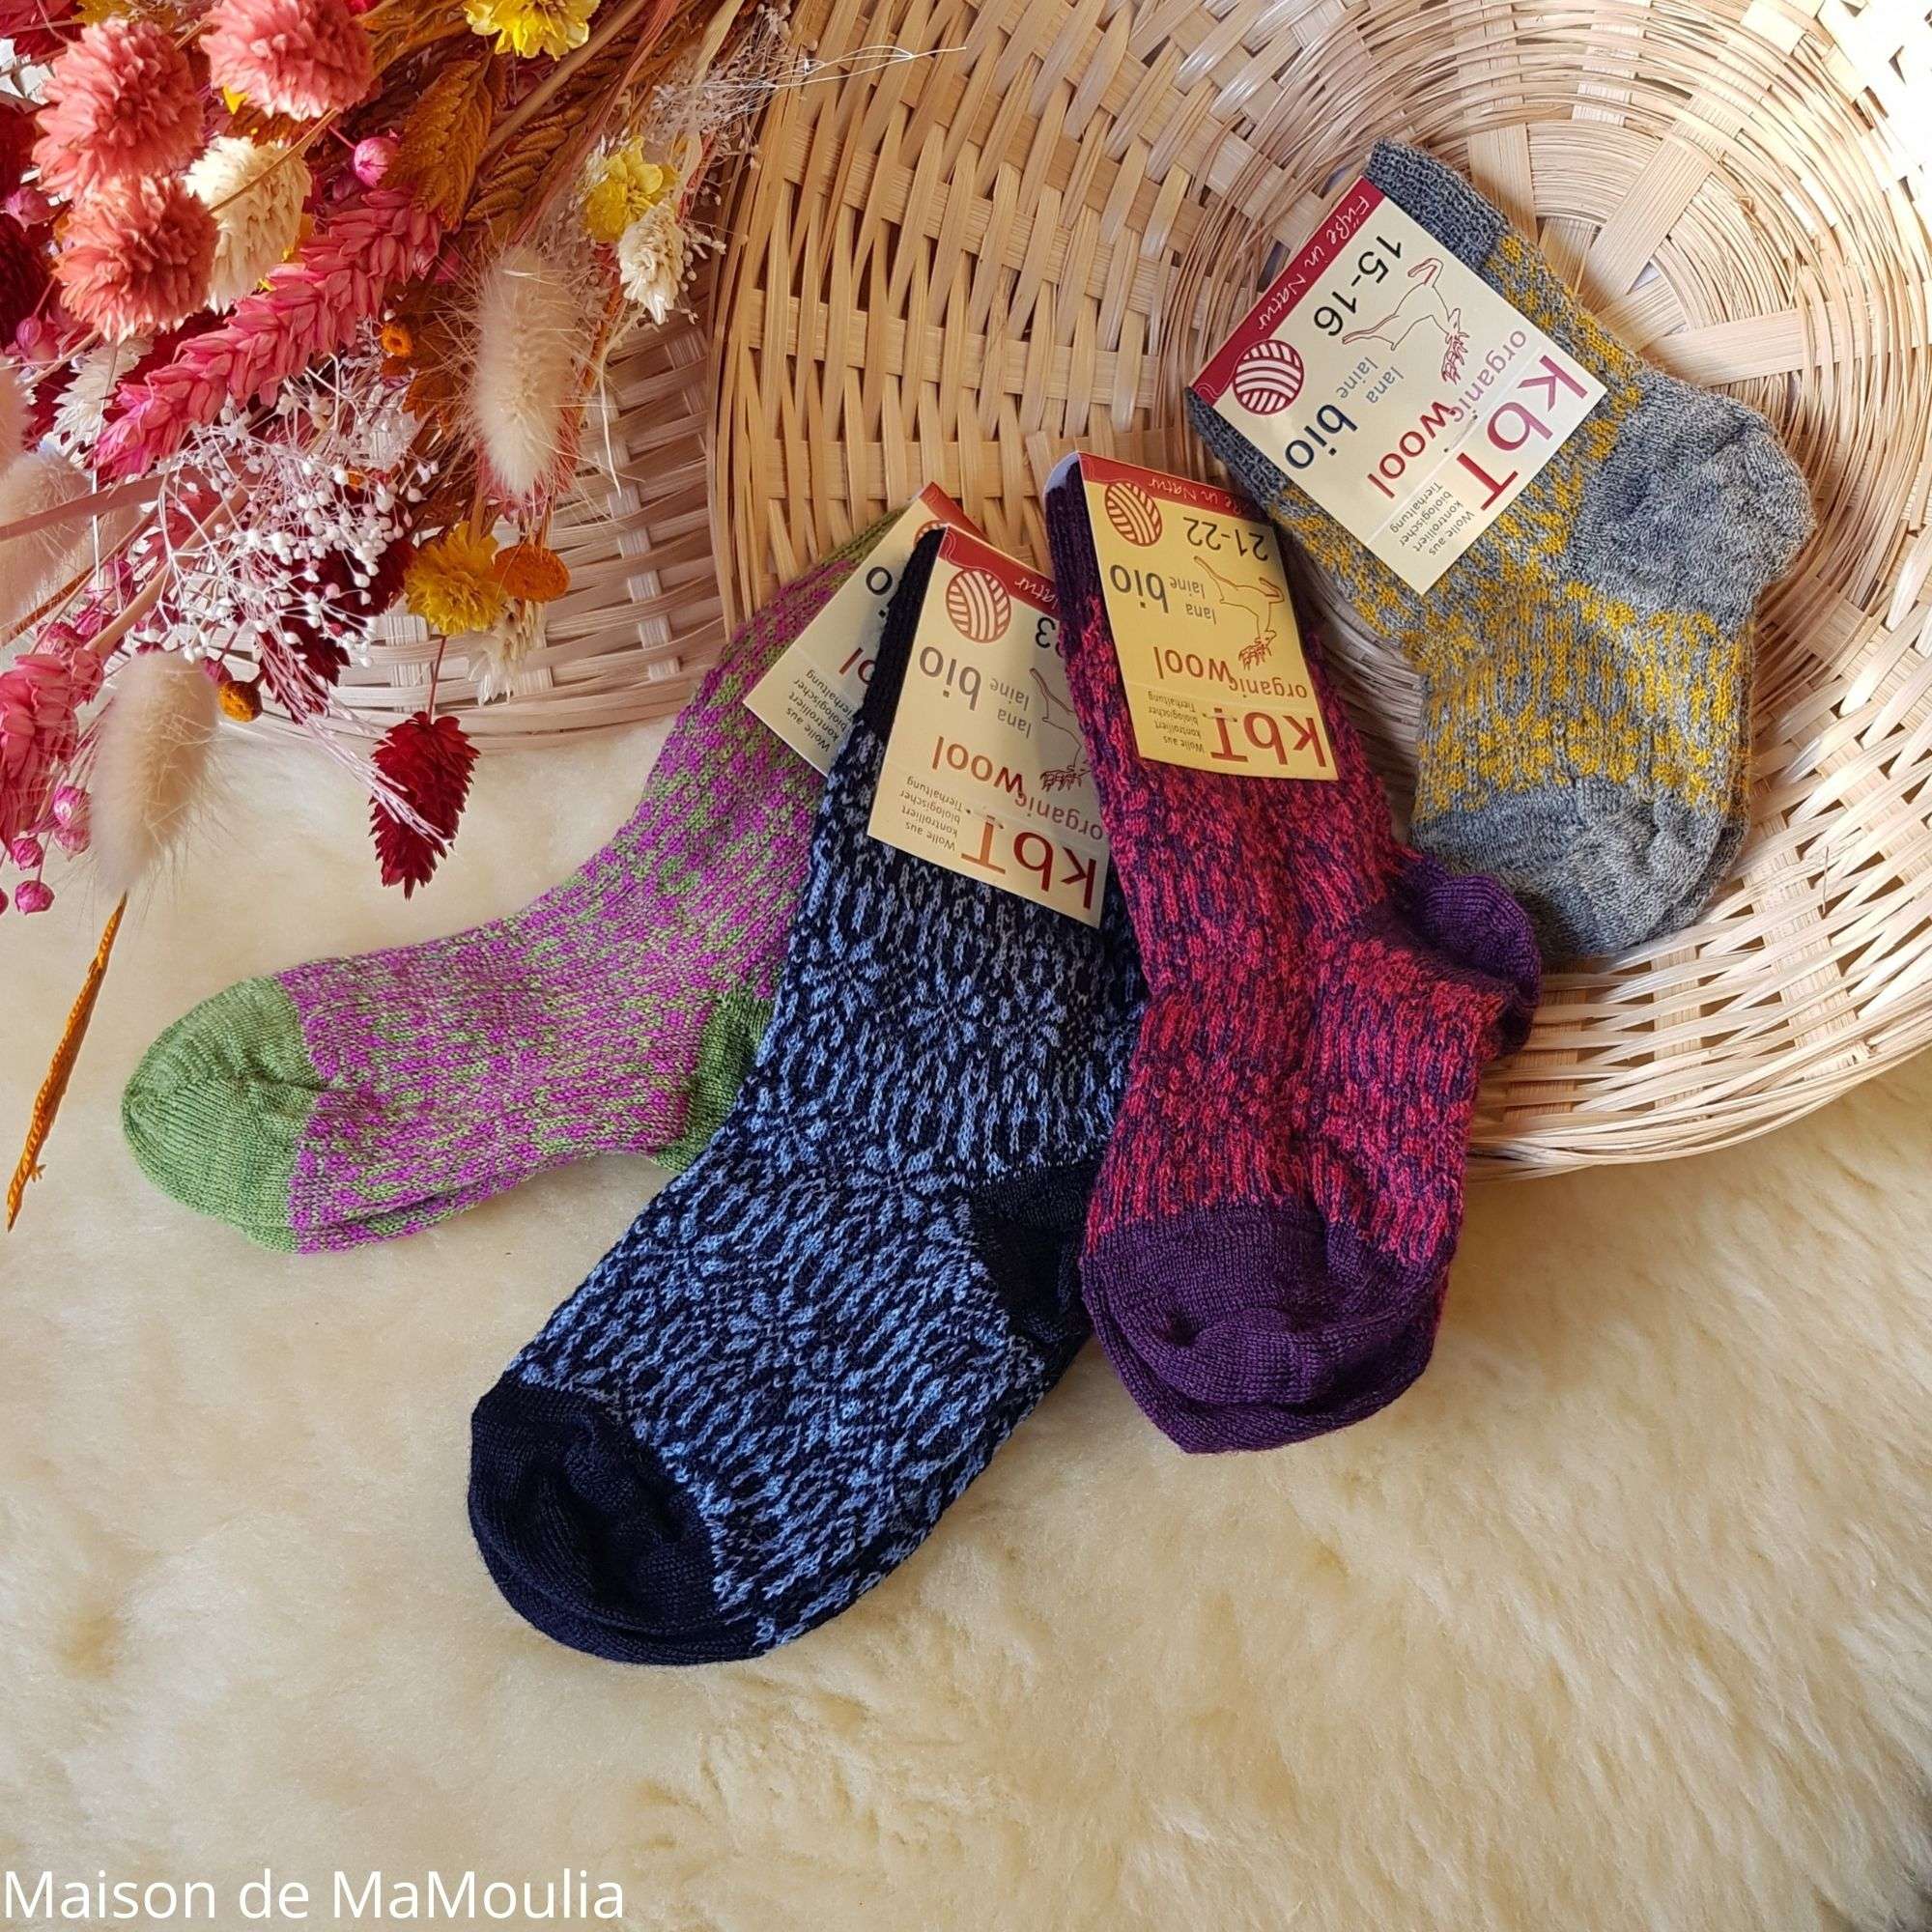 HIRSCH Natur - Chaussettes fines - 100% laine - Enfant